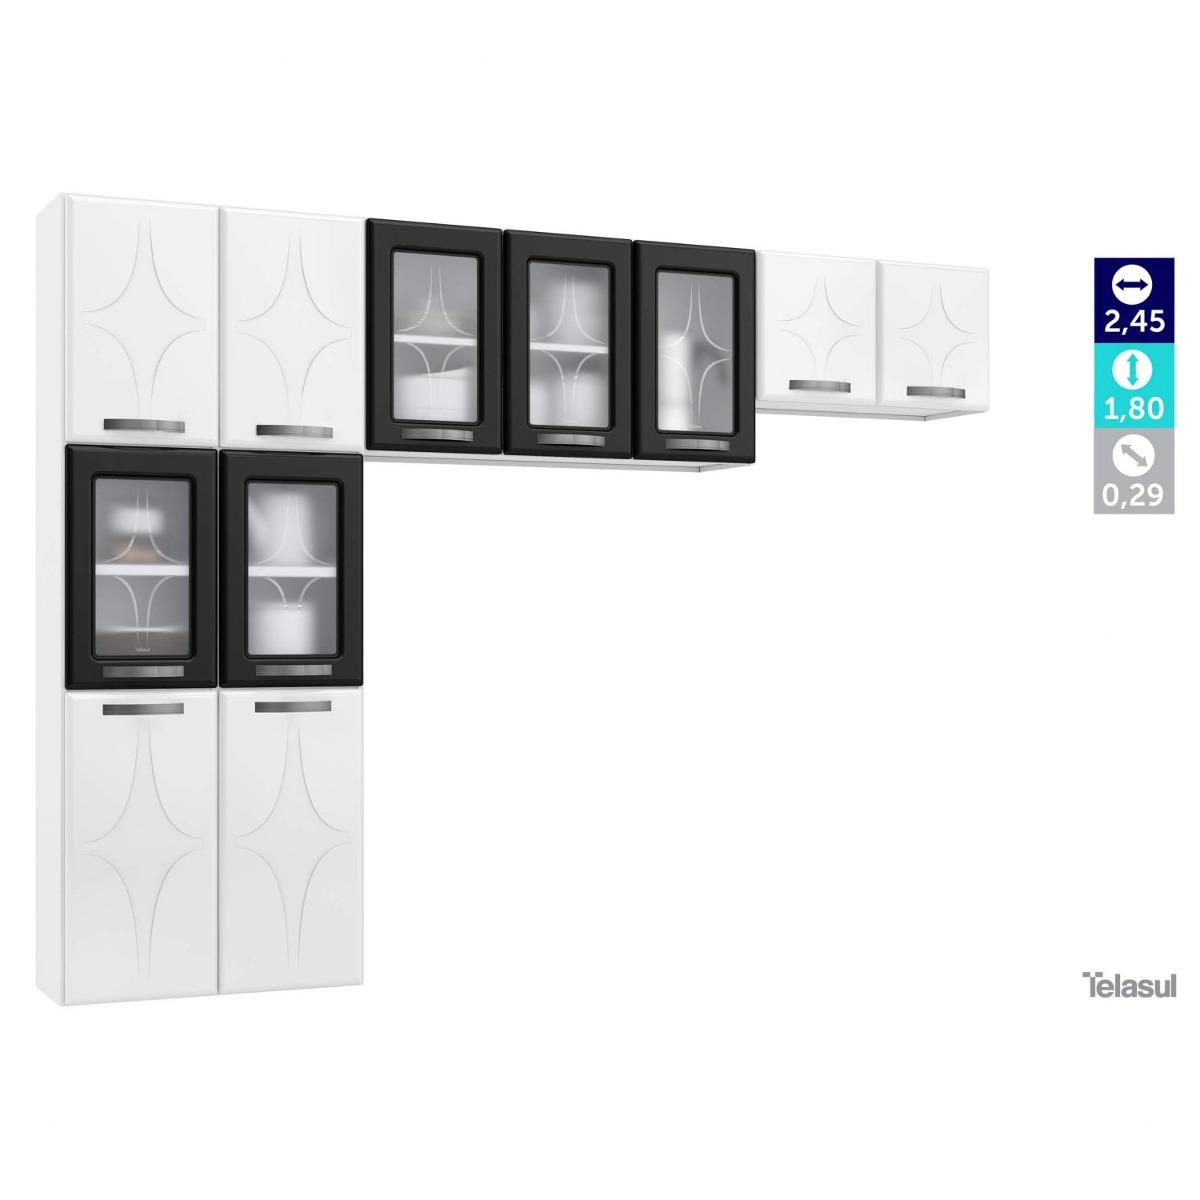 Cozinha Compacta 3 Pe As 5 Portas De Vidro Sem Hi R 629 90 Em